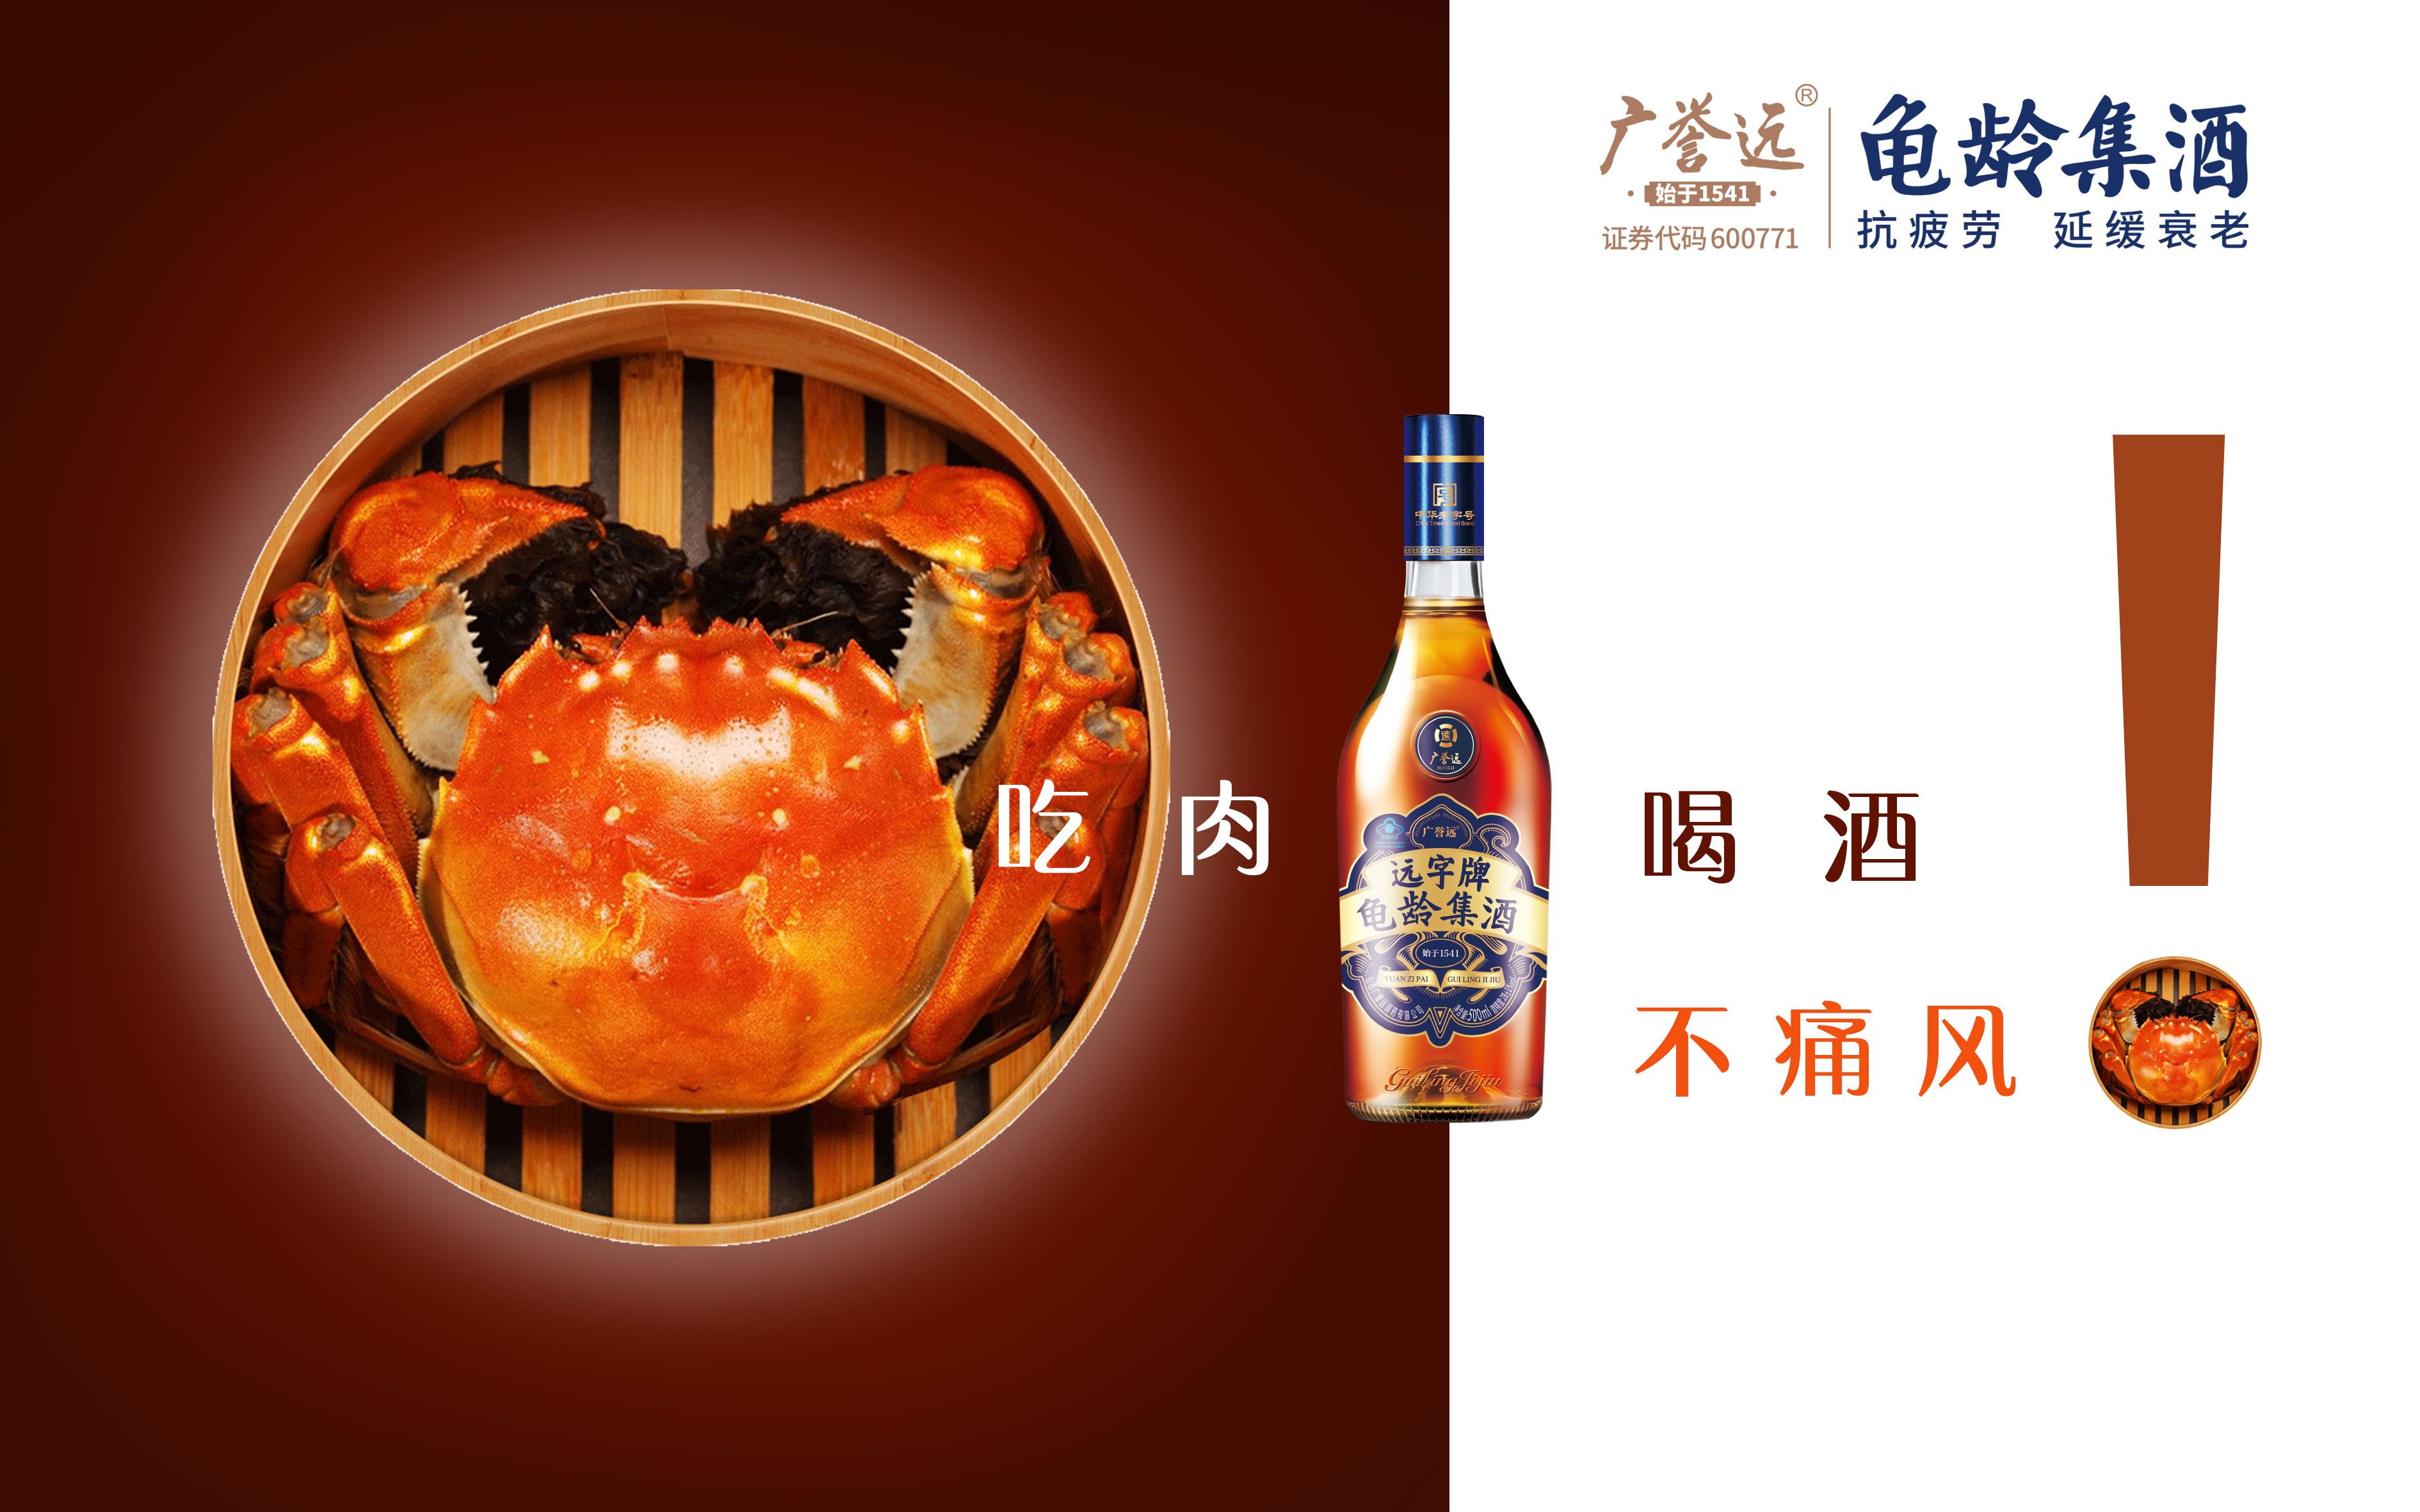 http://www.weixinrensheng.com/yangshengtang/2829656.html